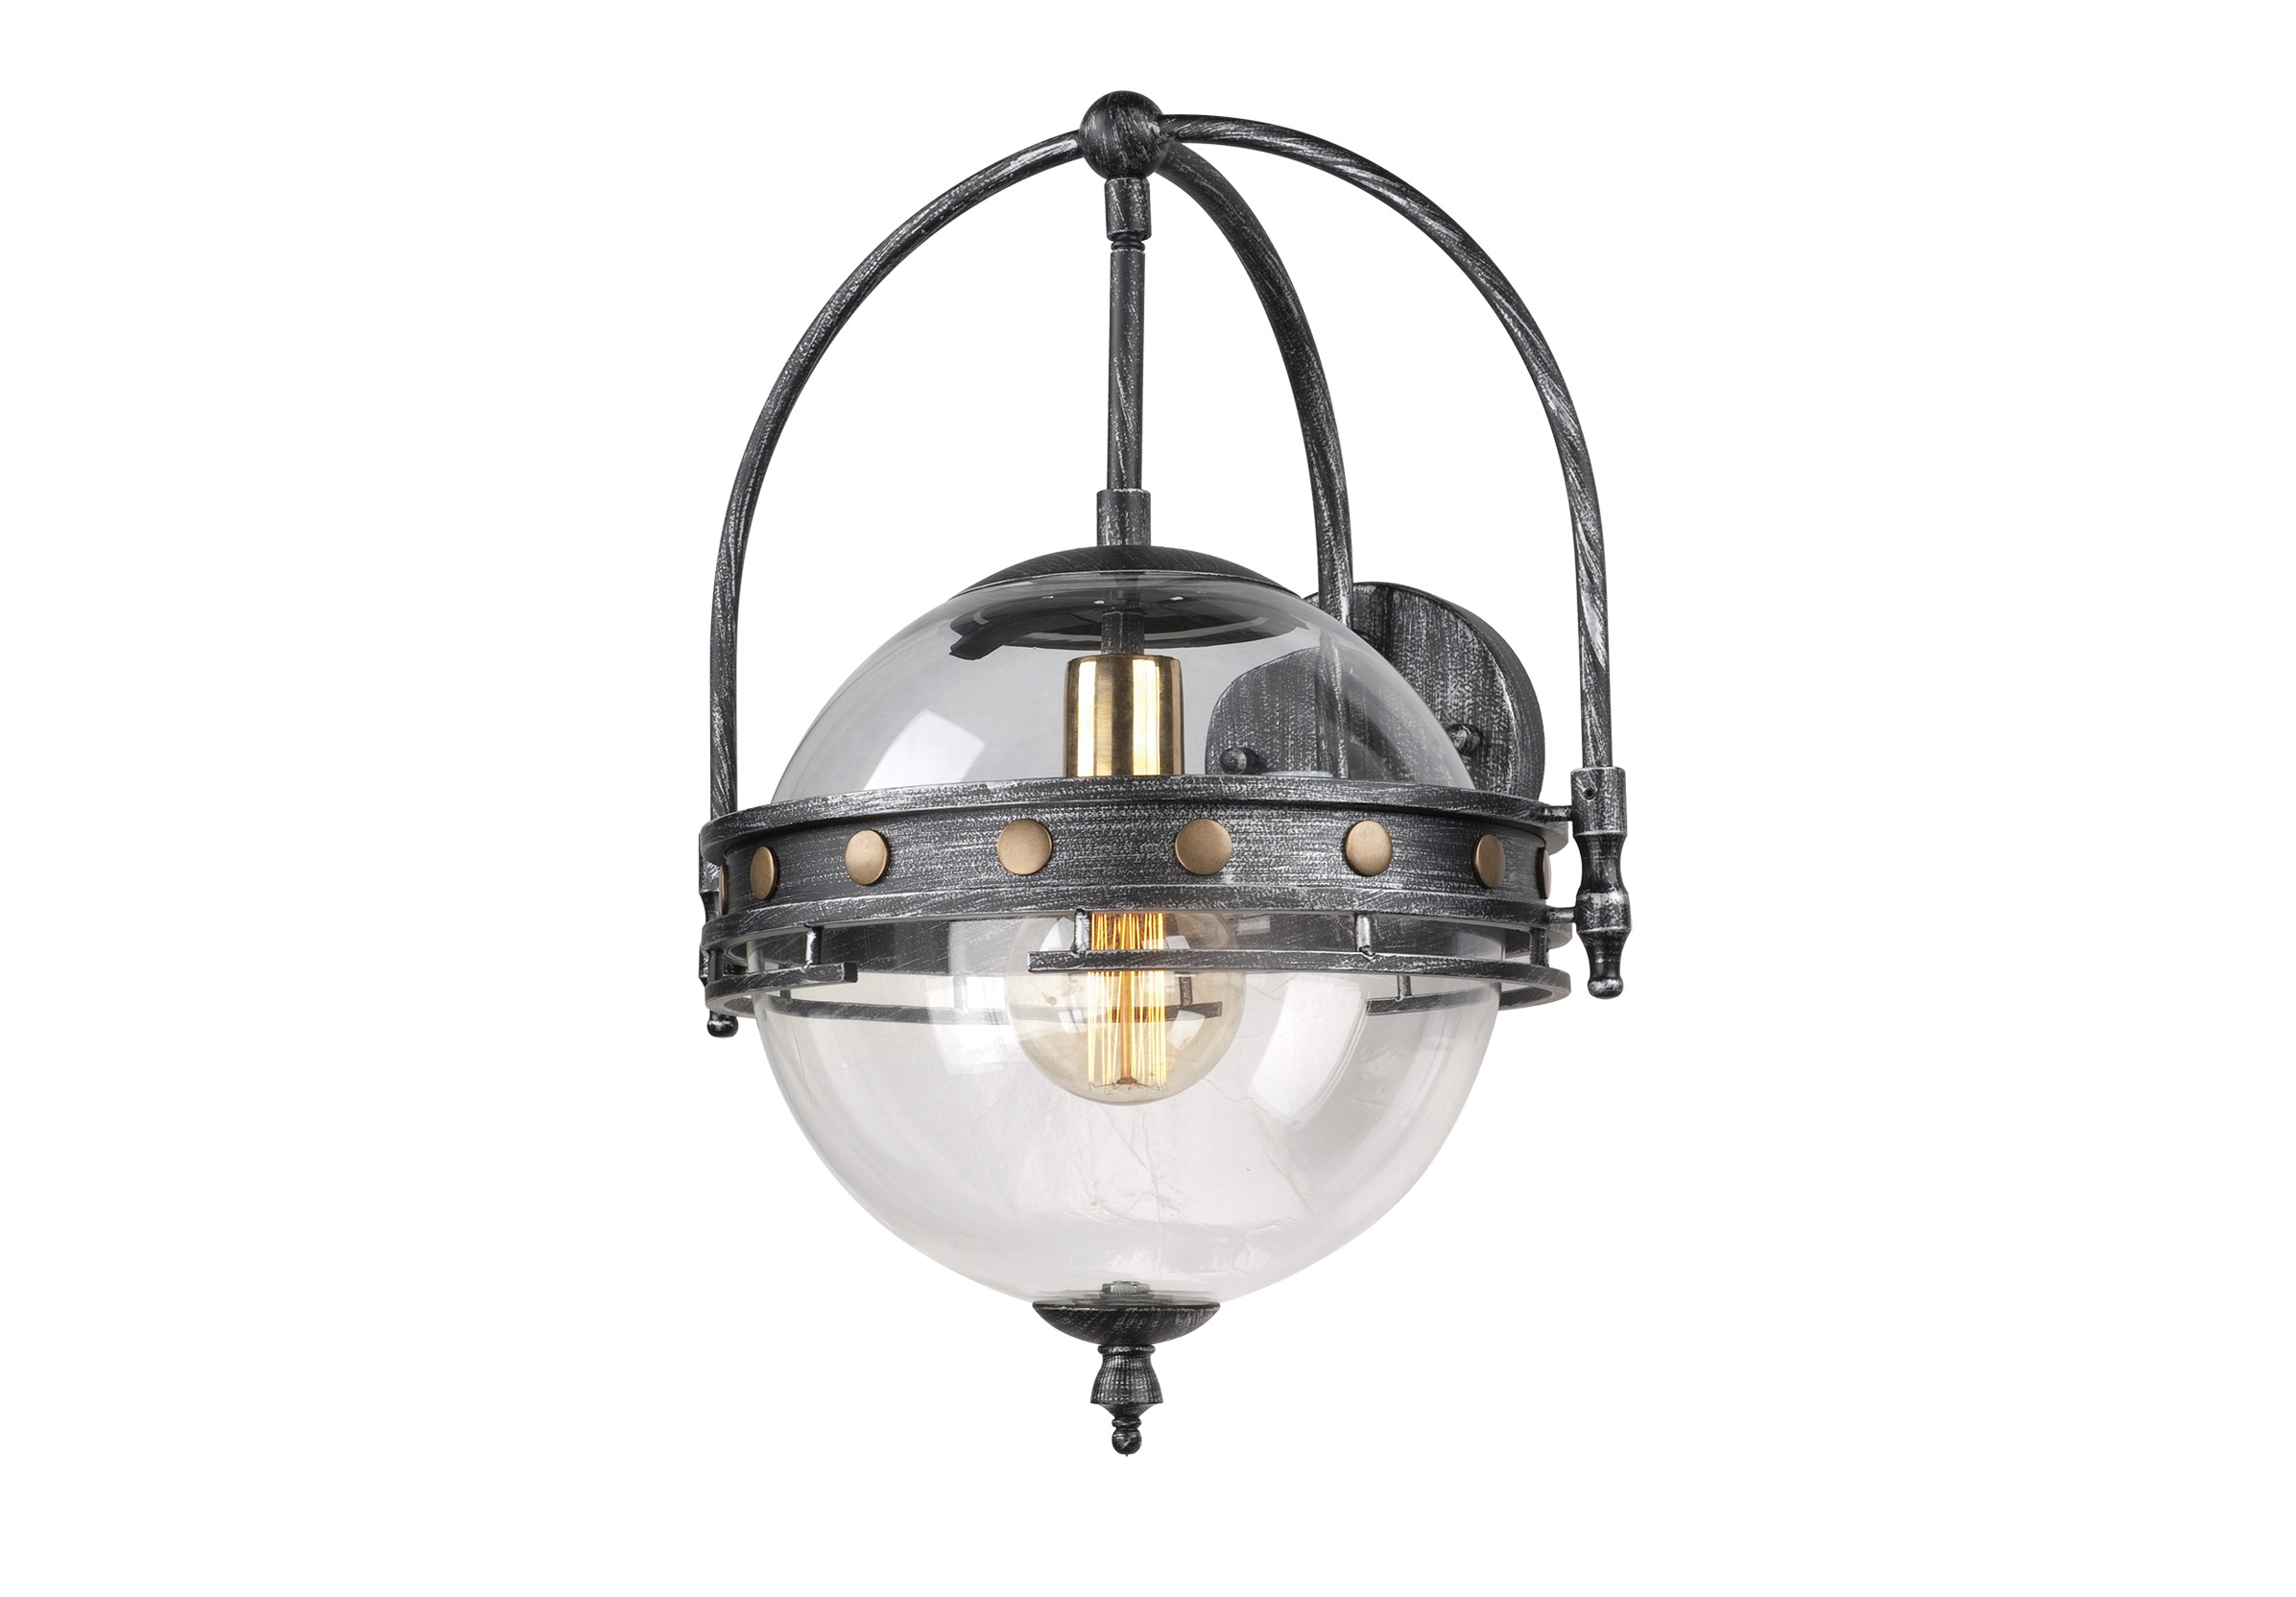 Настенный светильник LSP-9181Уличные настенные светильники<br>&amp;lt;div&amp;gt;&amp;lt;div&amp;gt;Вид цоколя: E27&amp;lt;/div&amp;gt;&amp;lt;div&amp;gt;Мощность: 60W&amp;lt;/div&amp;gt;&amp;lt;div&amp;gt;Количество ламп: 1&amp;lt;/div&amp;gt;&amp;lt;div&amp;gt;Наличие ламп да.&amp;lt;/div&amp;gt;&amp;lt;/div&amp;gt;<br><br>Material: Металл<br>Ширина см: 33<br>Высота см: 45<br>Глубина см: 37